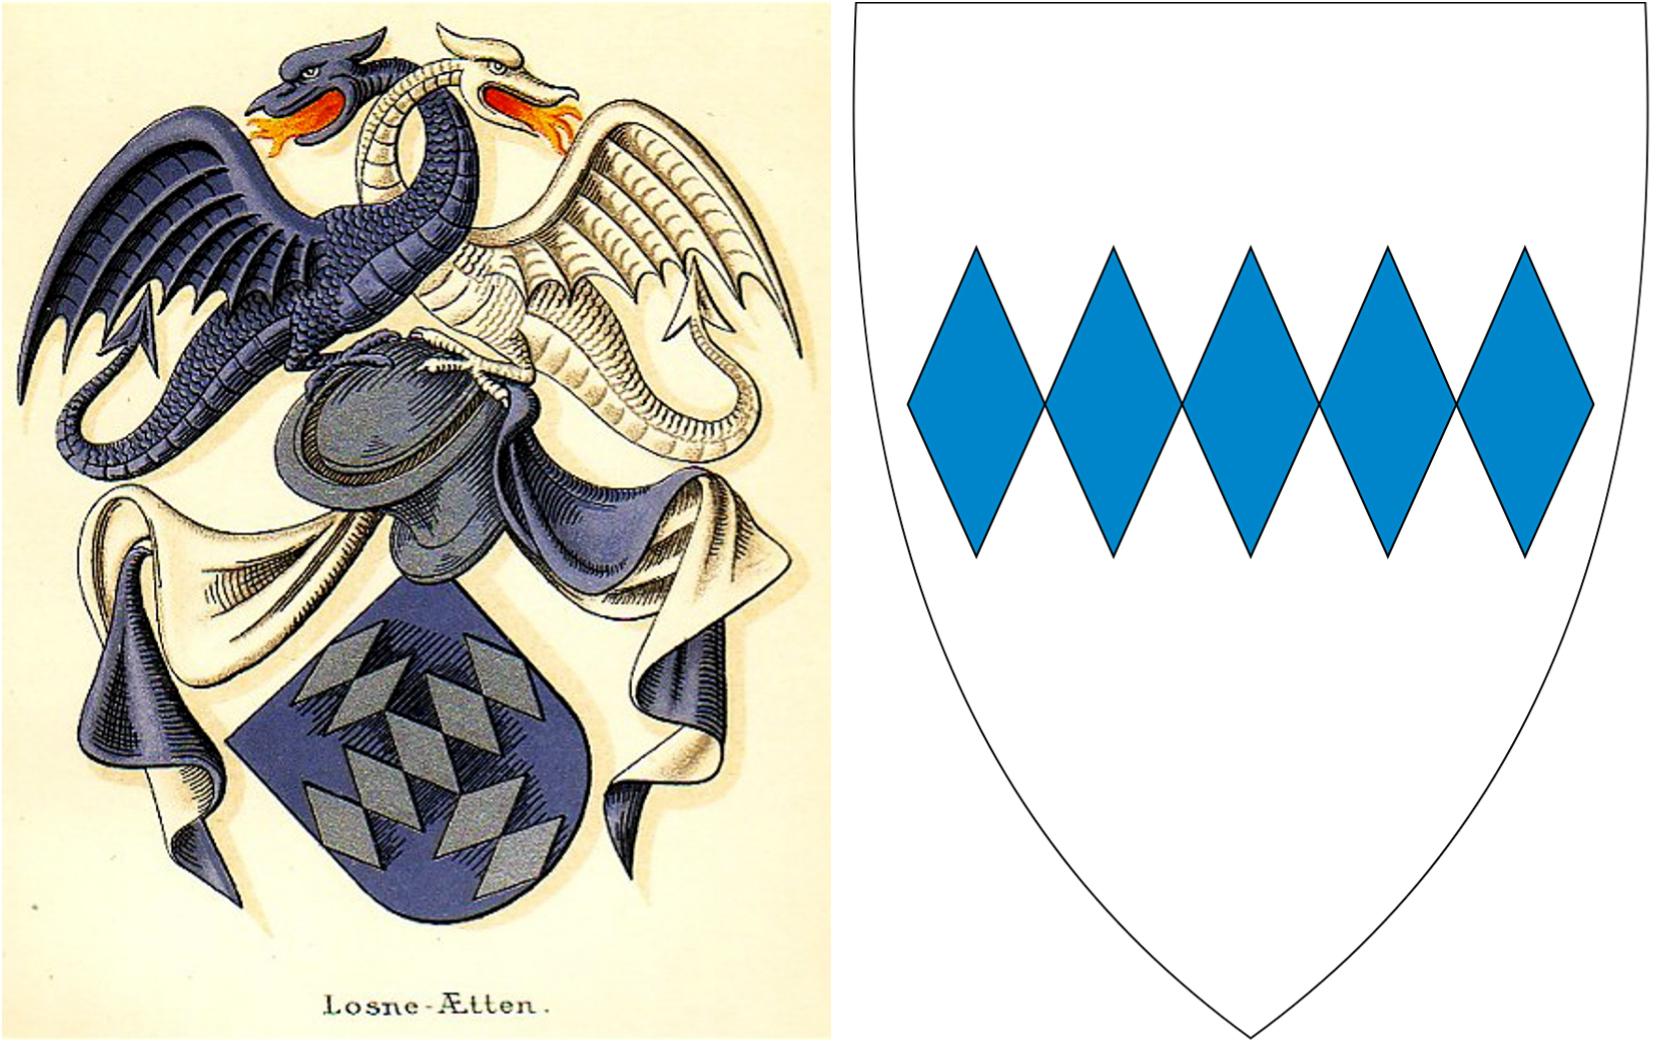 Losne-ætta sitt våpenskjold og og Solund sitt kommunevåpen.